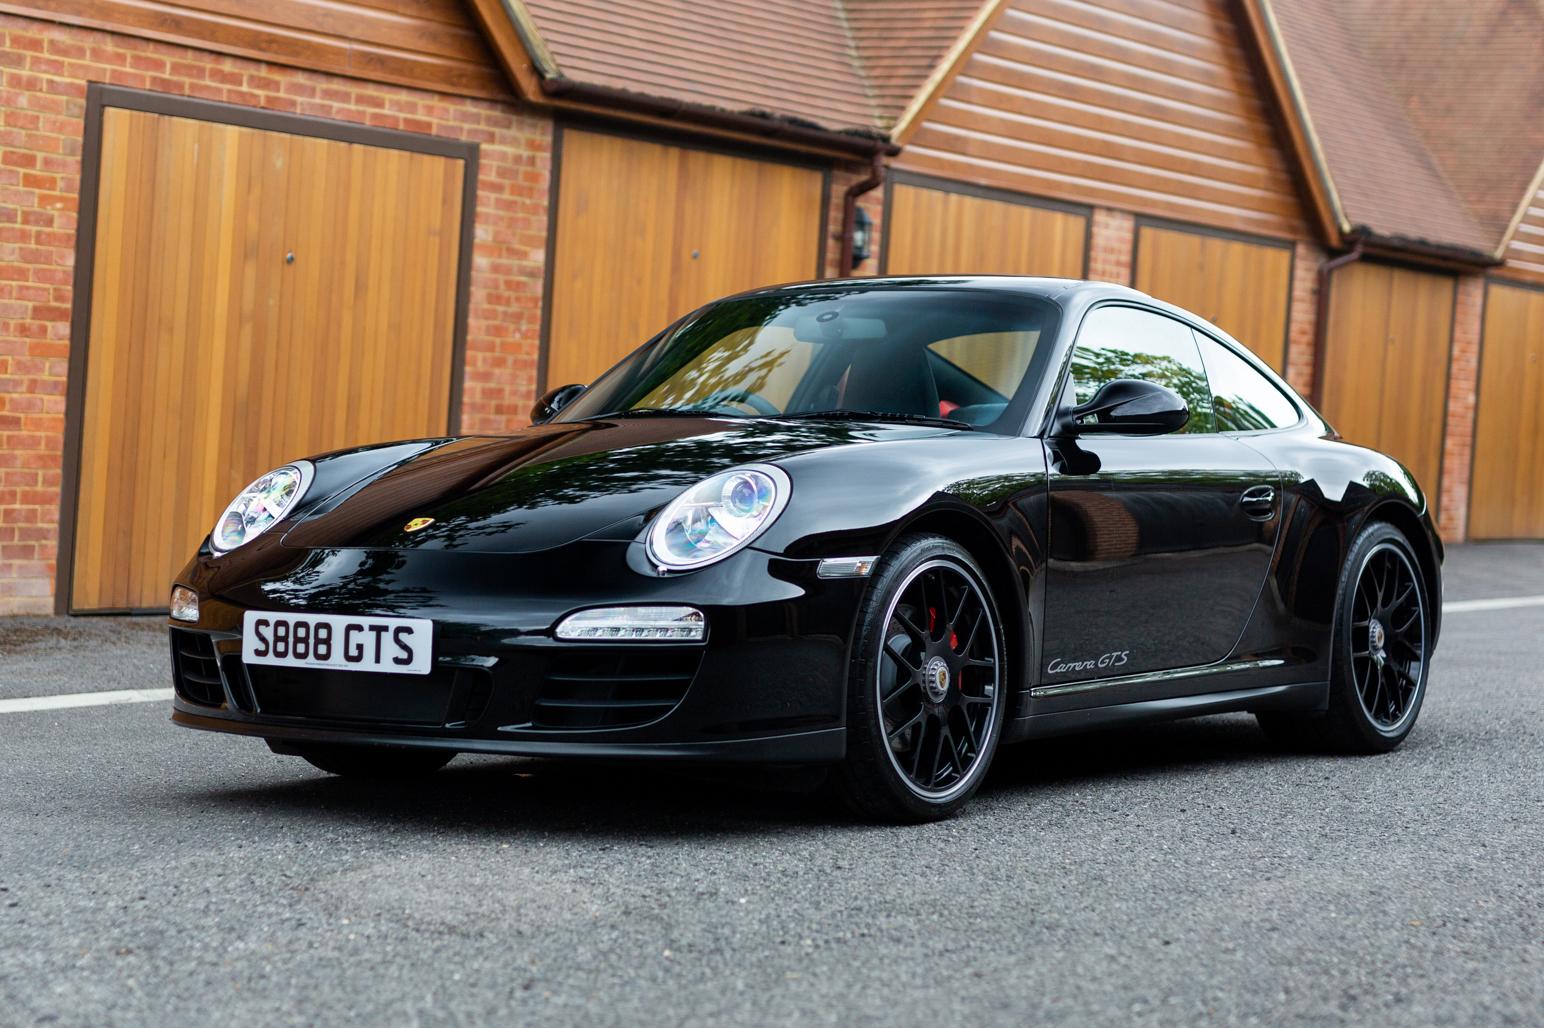 2012 PORSCHE 911 (997.2) CARRERA GTS - MANUAL